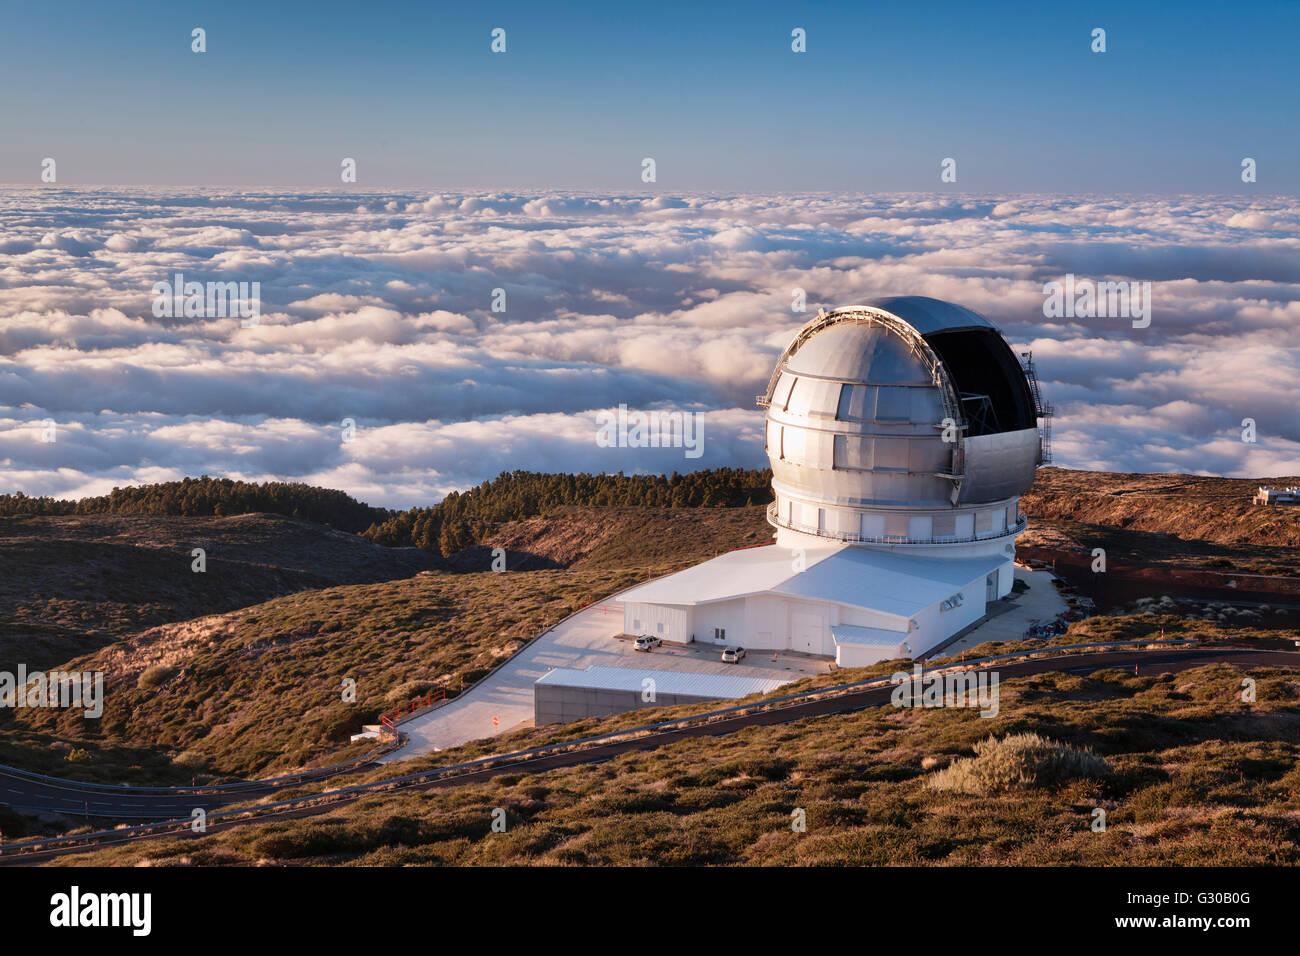 Gran Telescopio Canarias, Roque de los Muchachos, Parque Nacional de la Caldera de Taburiente, La Palma, Canary - Stock Image